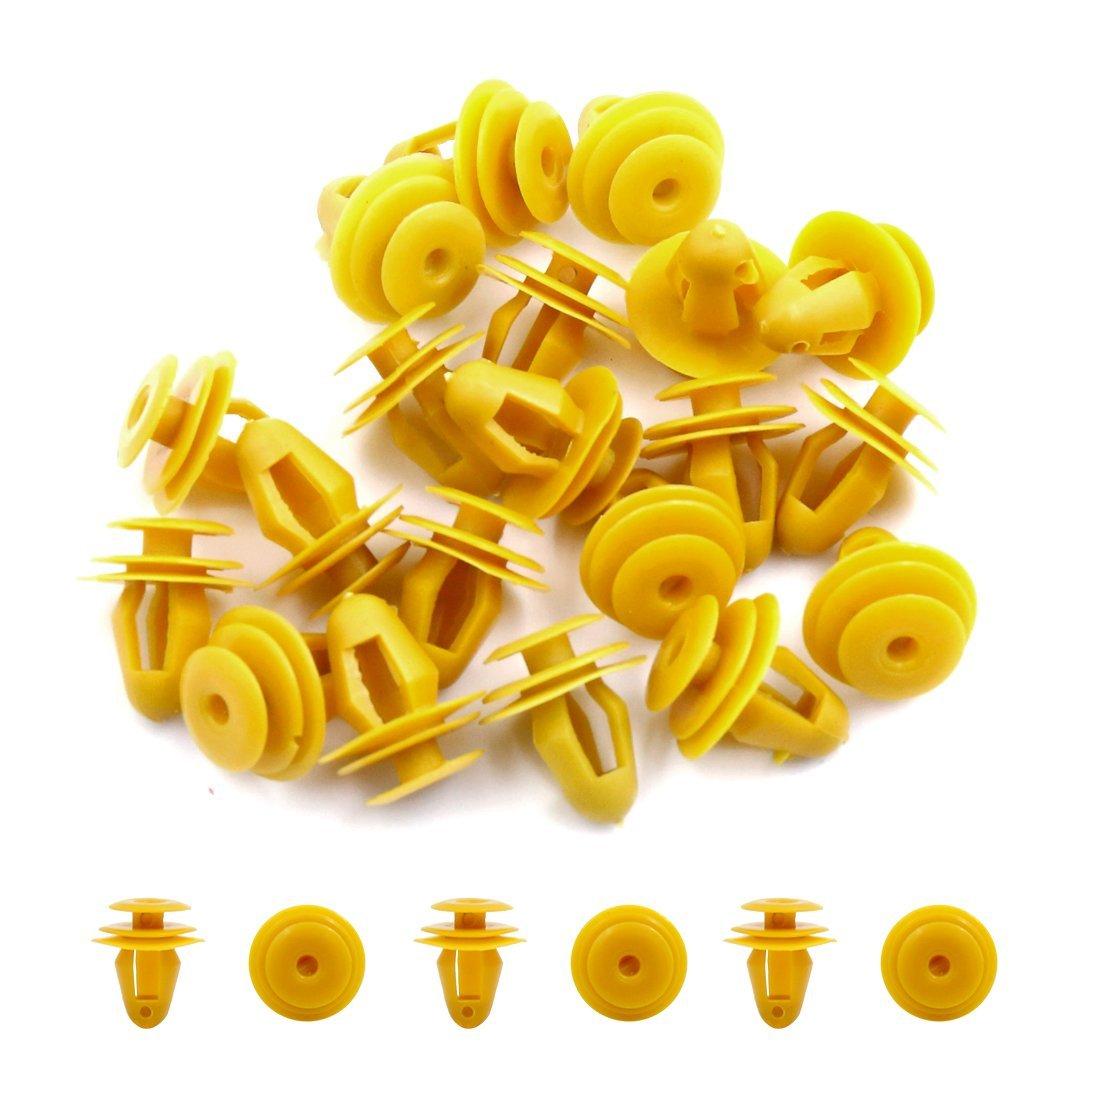 Amazon.com: eDealMax Clips de 10mm 20Pcs Amarillo diámetro del agujero de remaches de plástico de sujeción Para Fender Vehículo: Automotive